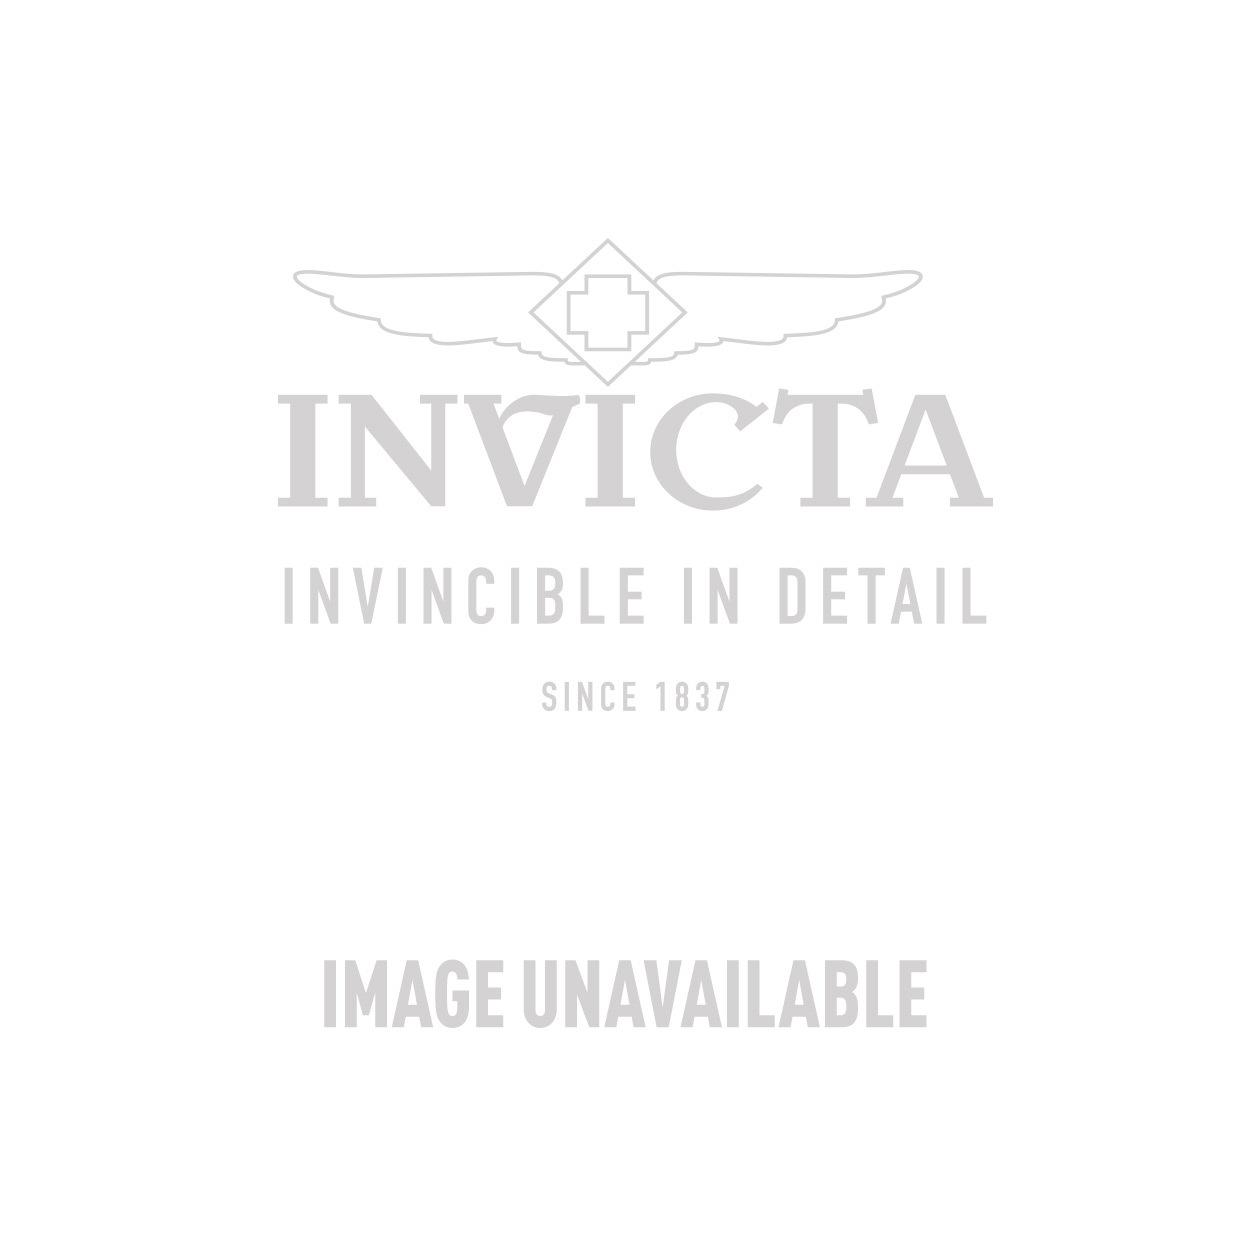 Invicta Model 27044